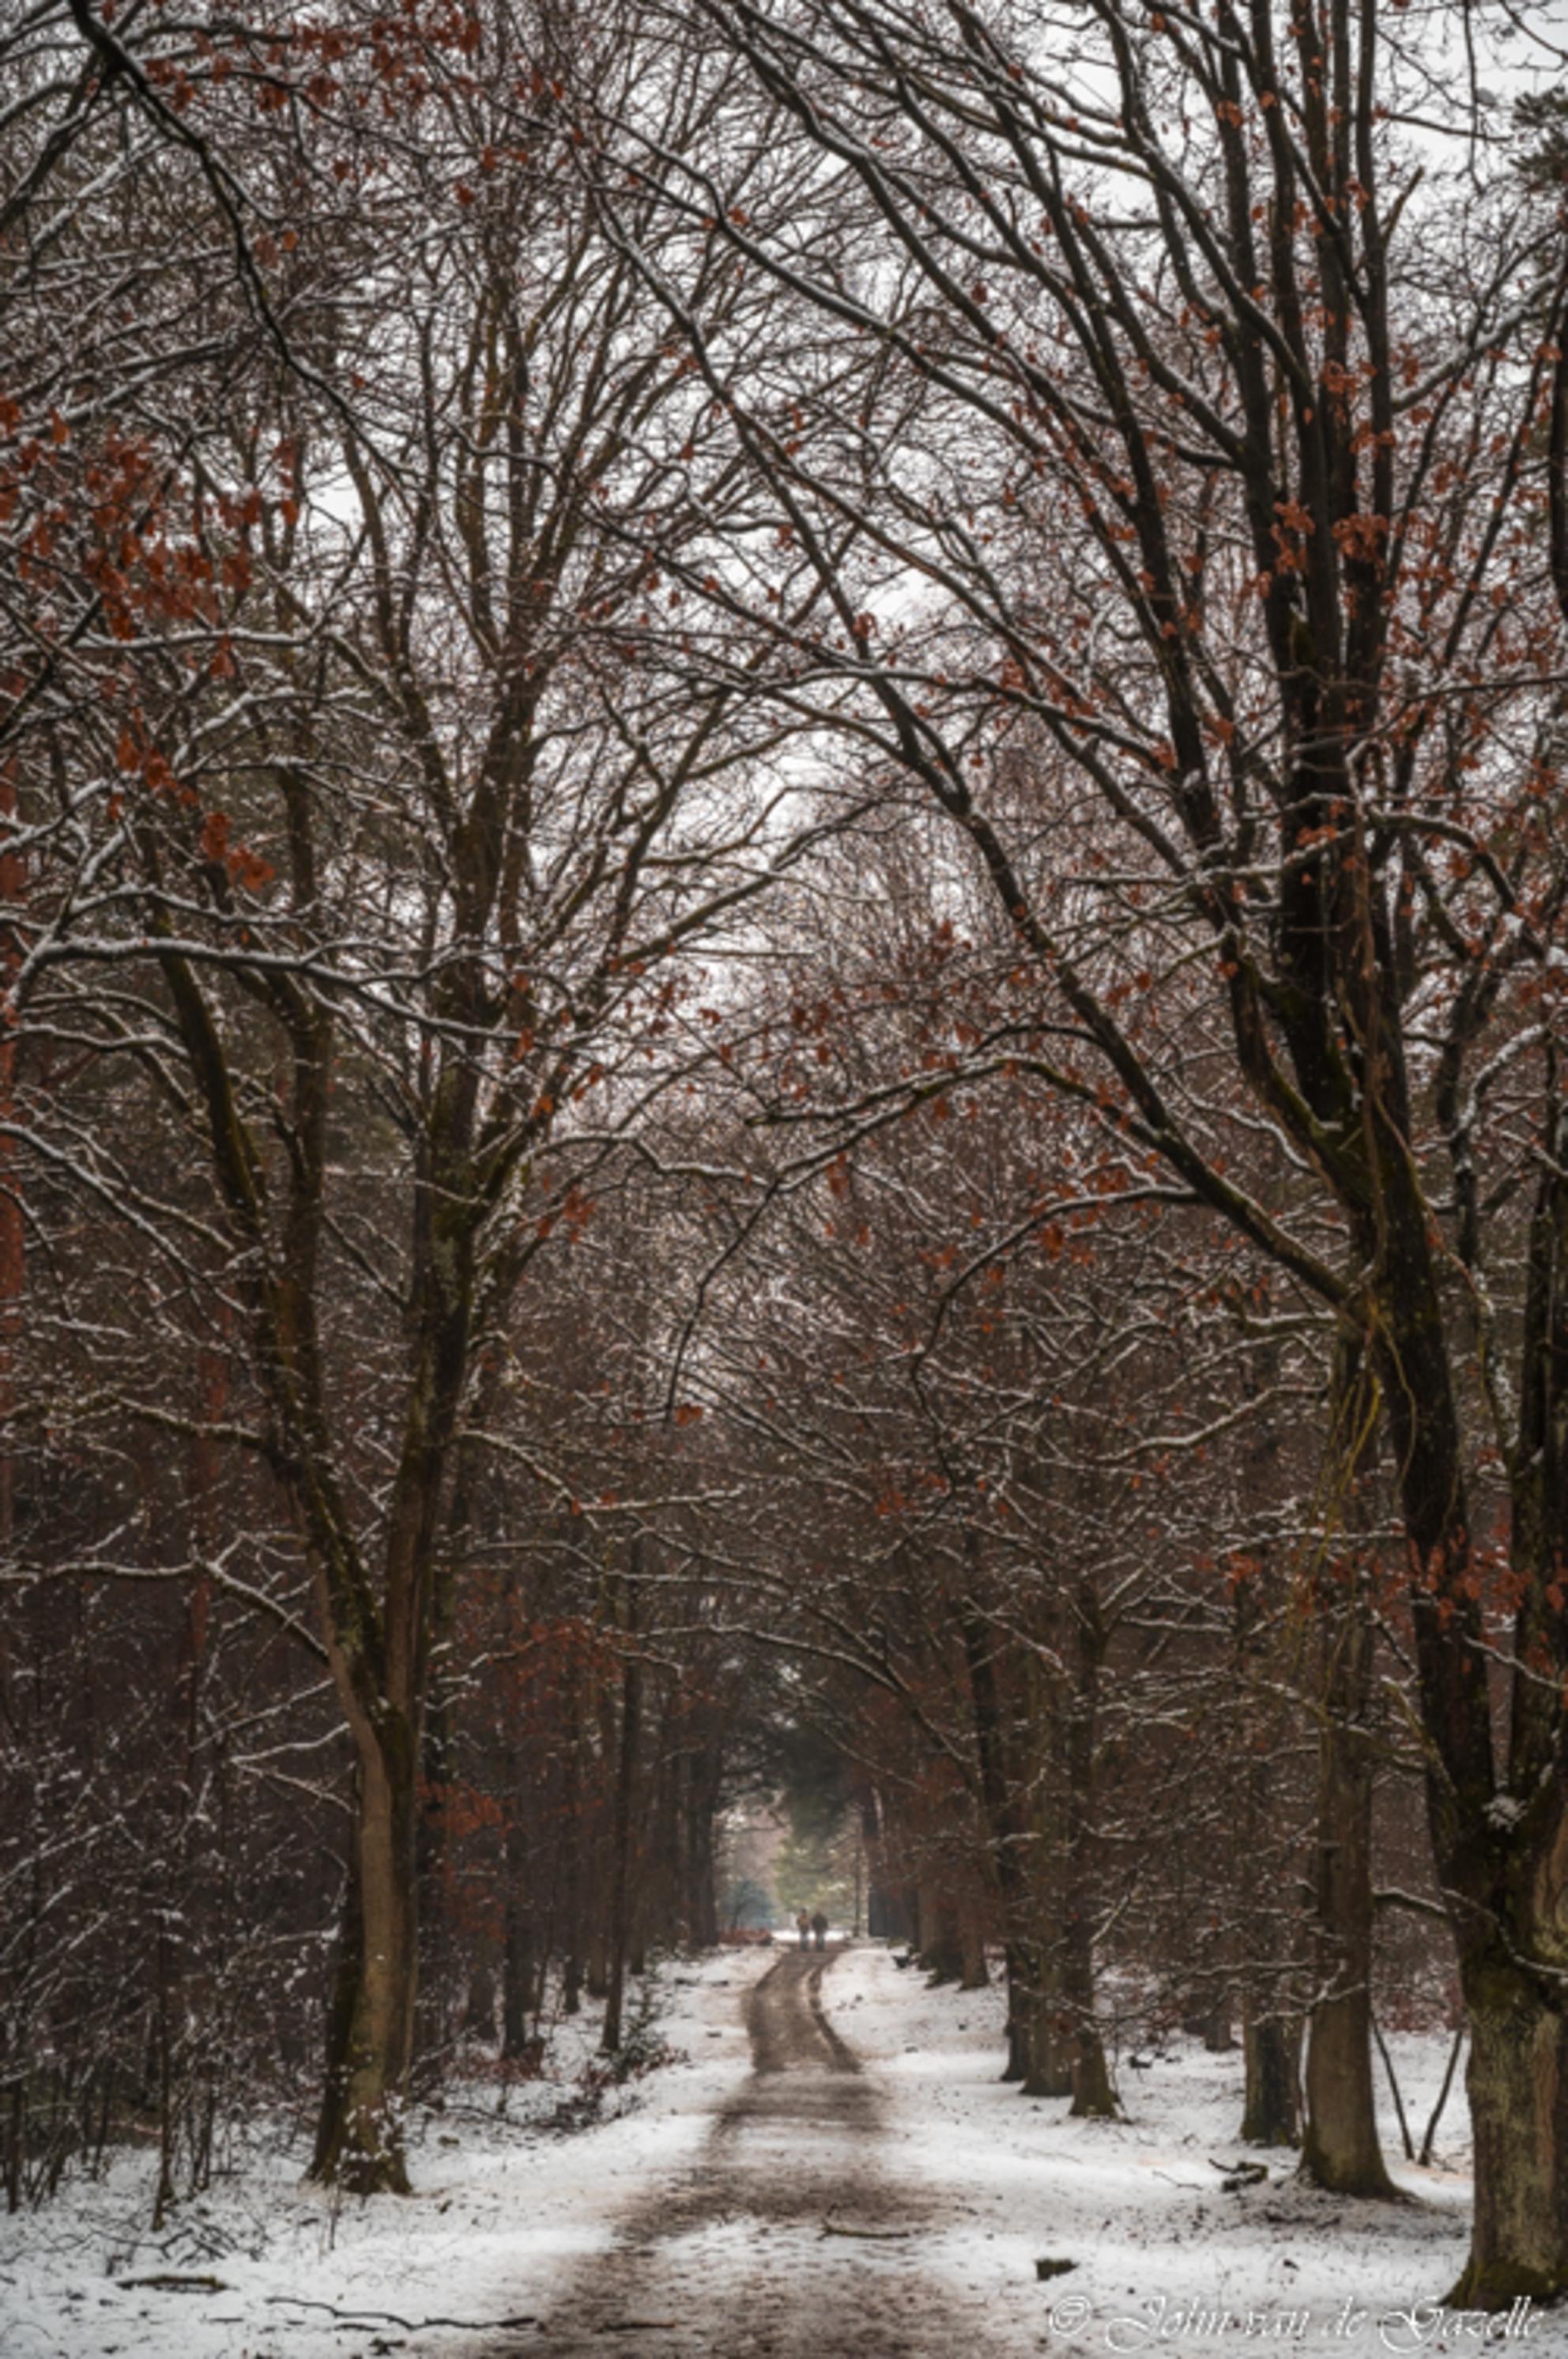 Winter in de Tevenerheide - Bospad met wandelaars in de sneeuw.  Bedankt, voor jullie fijne reacties. Groet, John. - foto door JvandeGazelle op 02-02-2021 - deze foto bevat: lucht, mensen, licht, sneeuw, winter, bospad, landschap, heide, bos, bomen, sneeuwval, wandelaars, sfeervol, john van de gazelle, tevernerheide - Deze foto mag gebruikt worden in een Zoom.nl publicatie